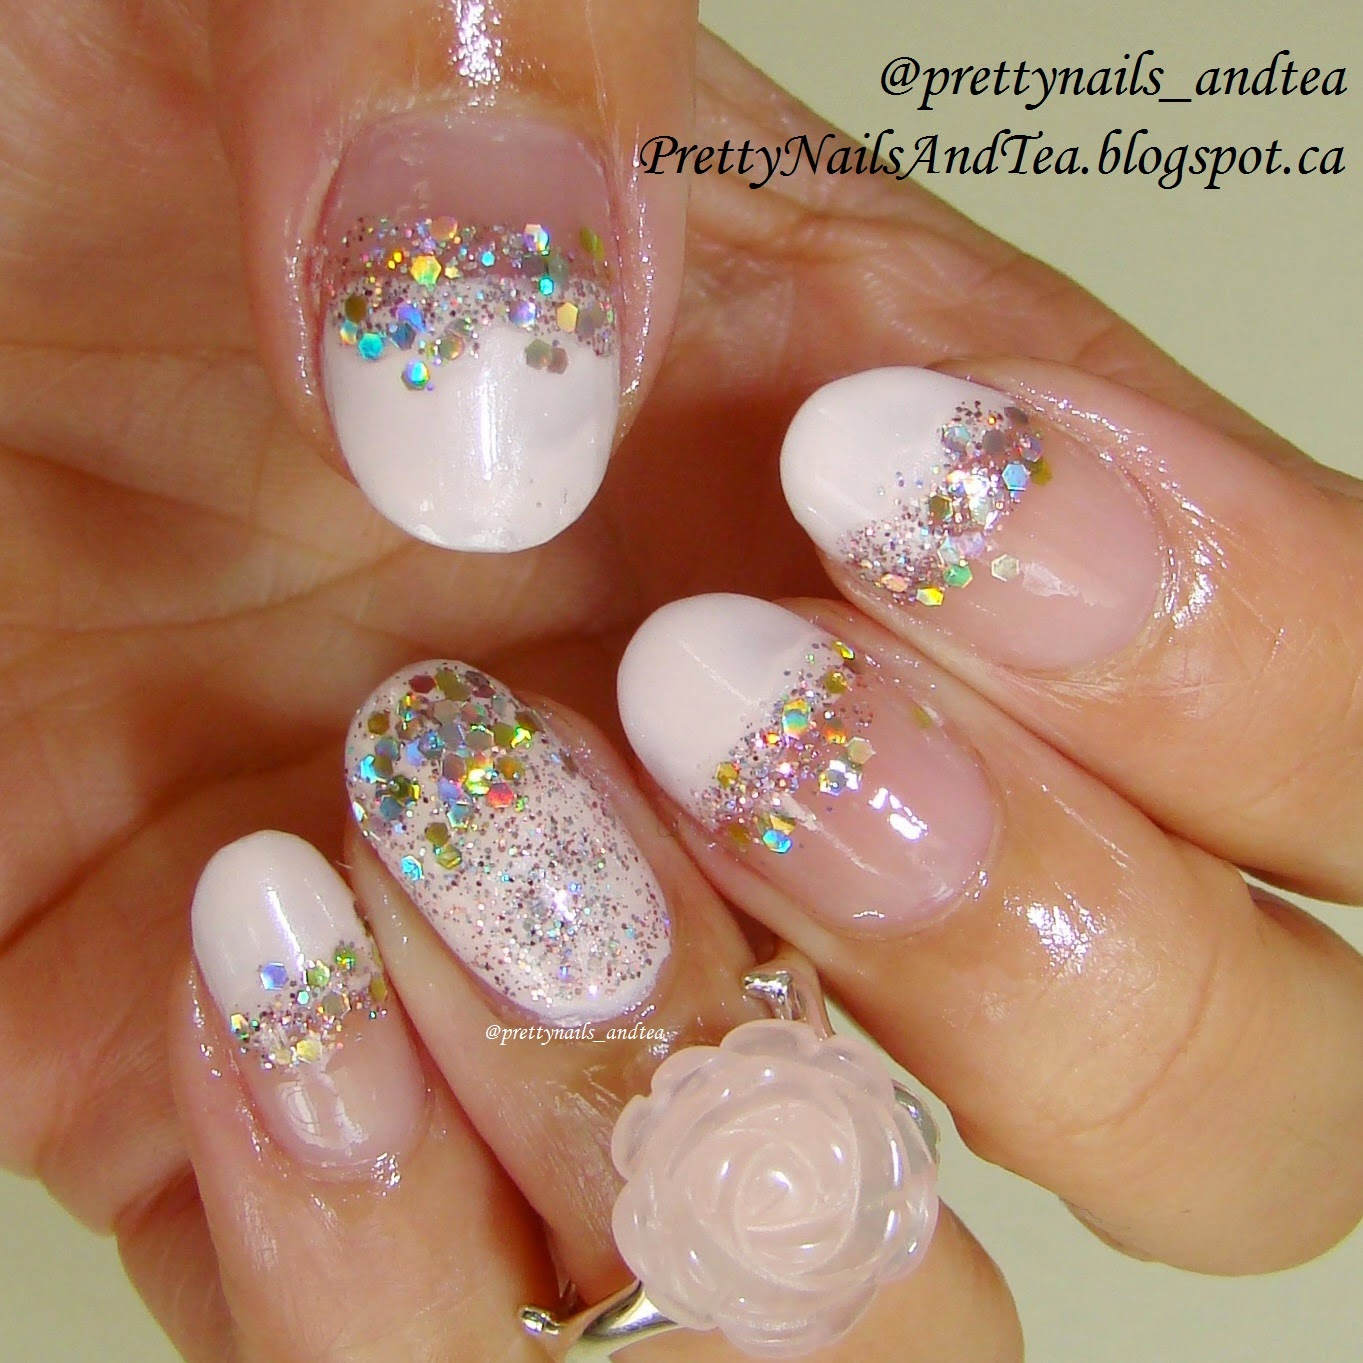 Pretty Nails and Tea: The Perfect Wedding Nails | Nail Art